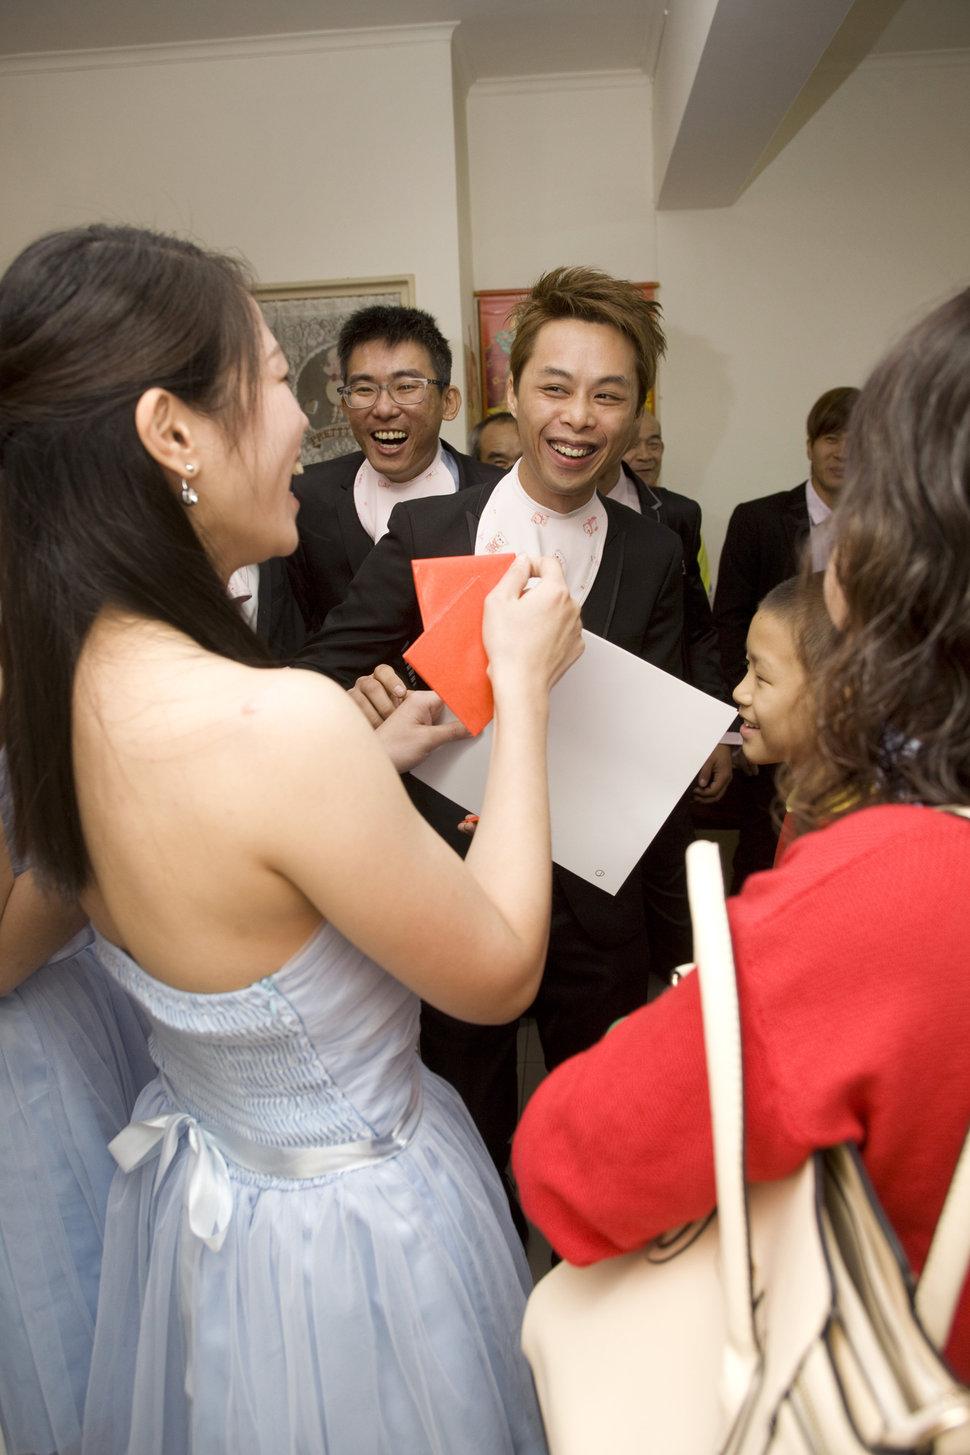 蓓麗宛婚禮時尚(編號:541456) - 蓓麗宛婚禮時尚《結婚吧》